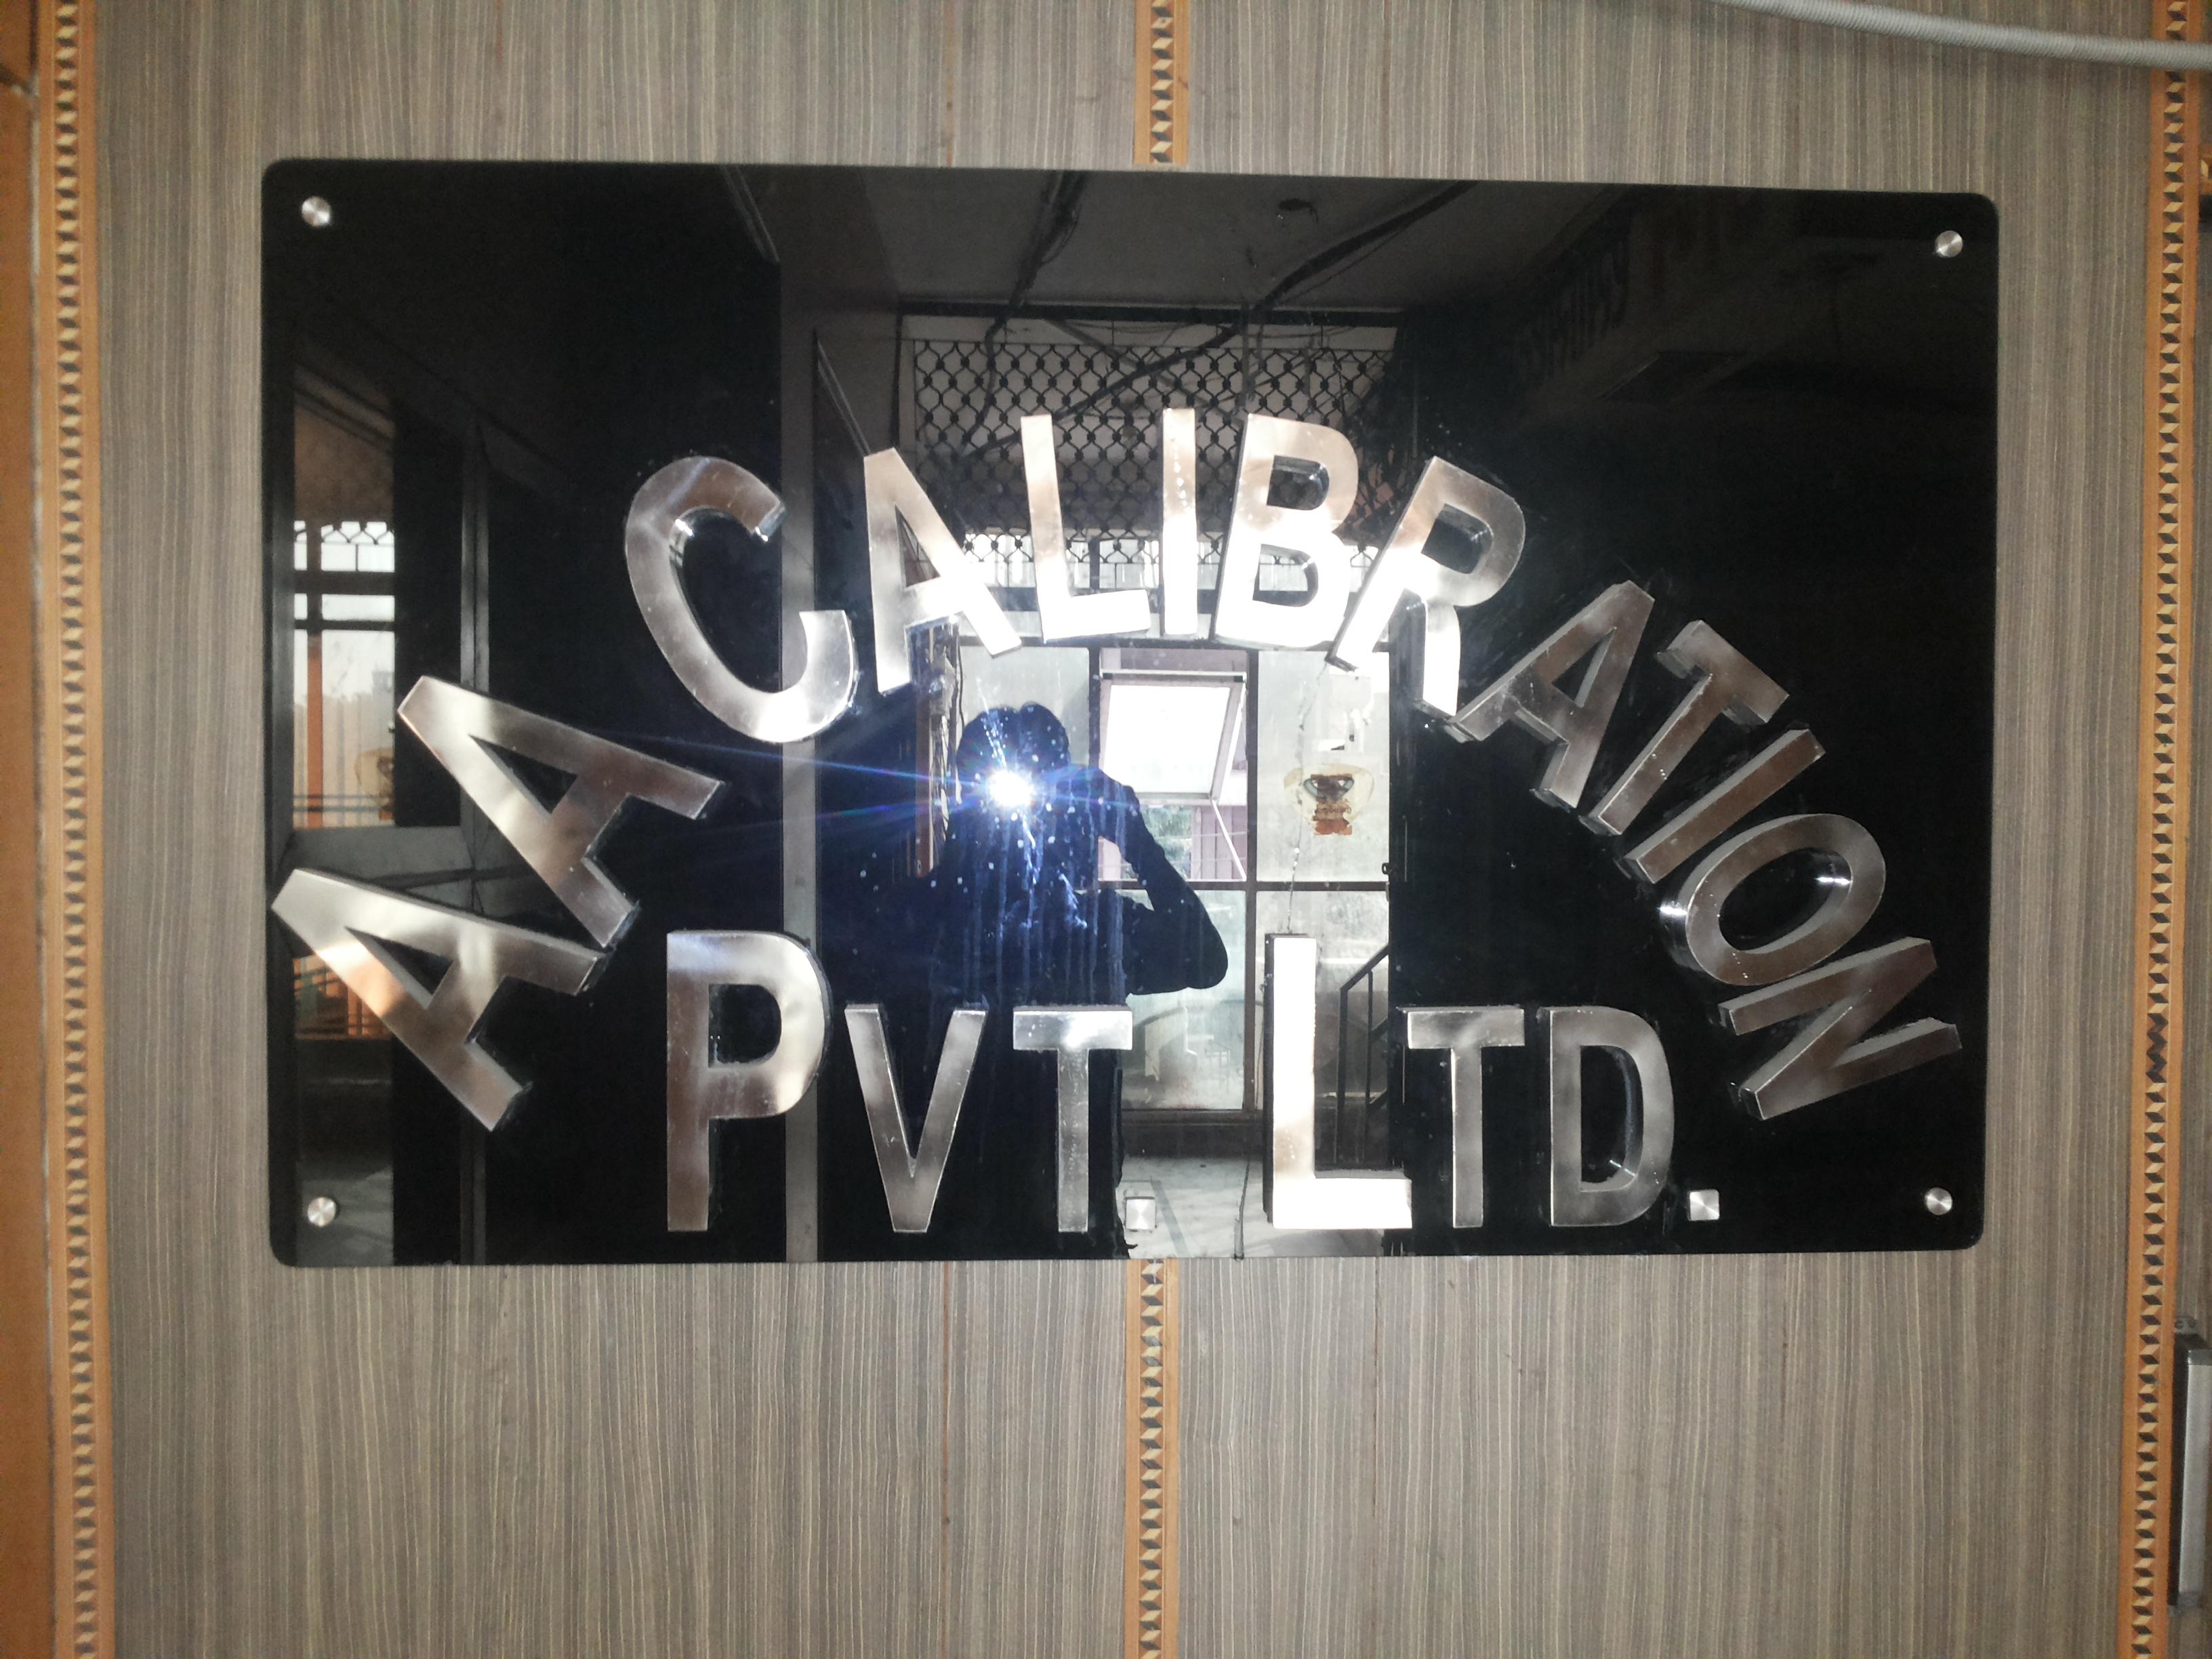 A.A calibration Pvt Ltd